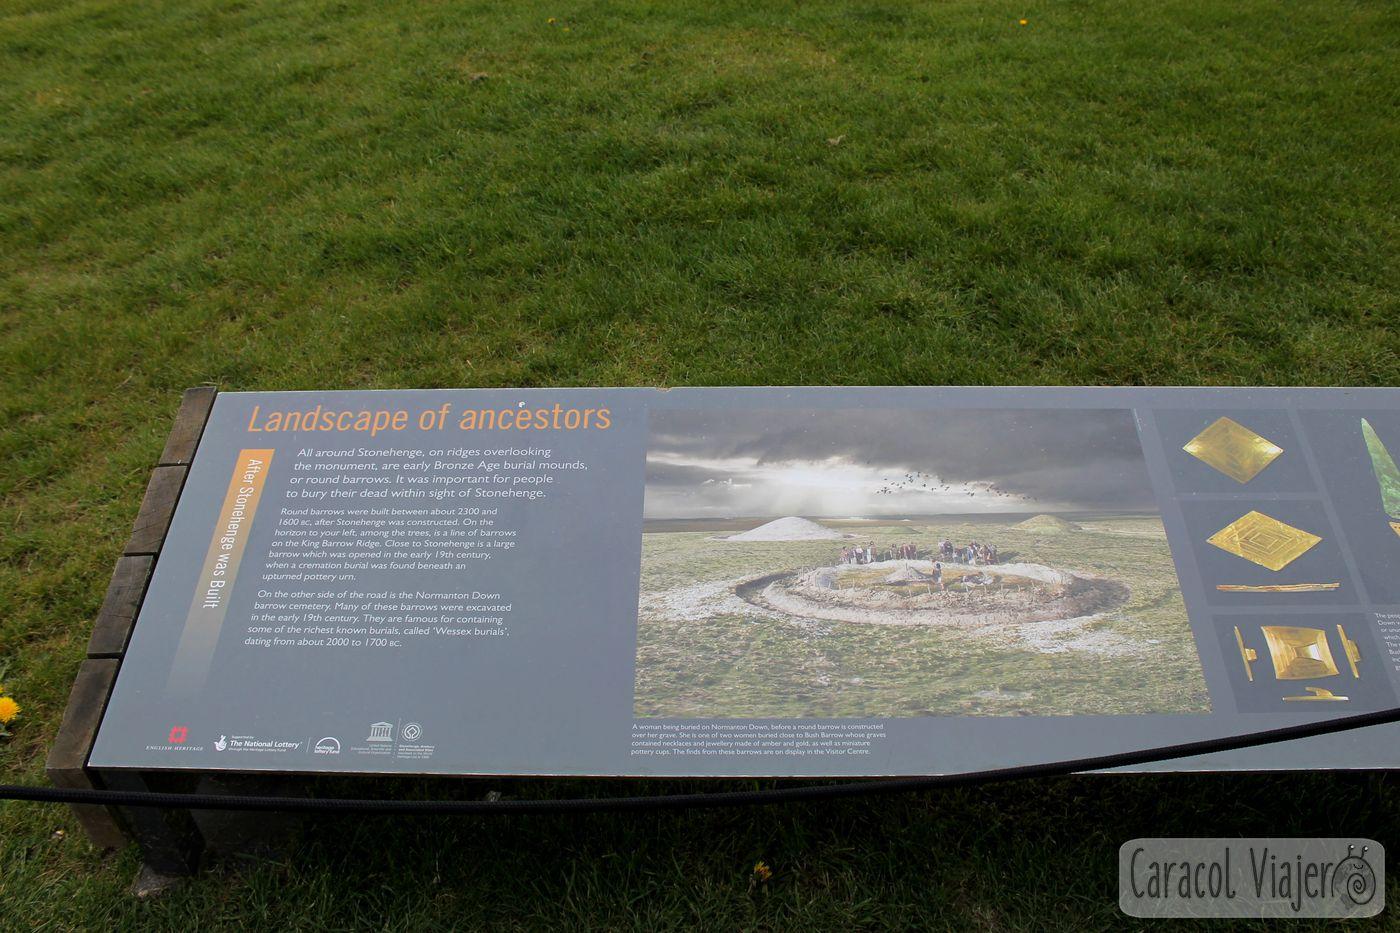 El escenario de los antepasados en Stonehenge